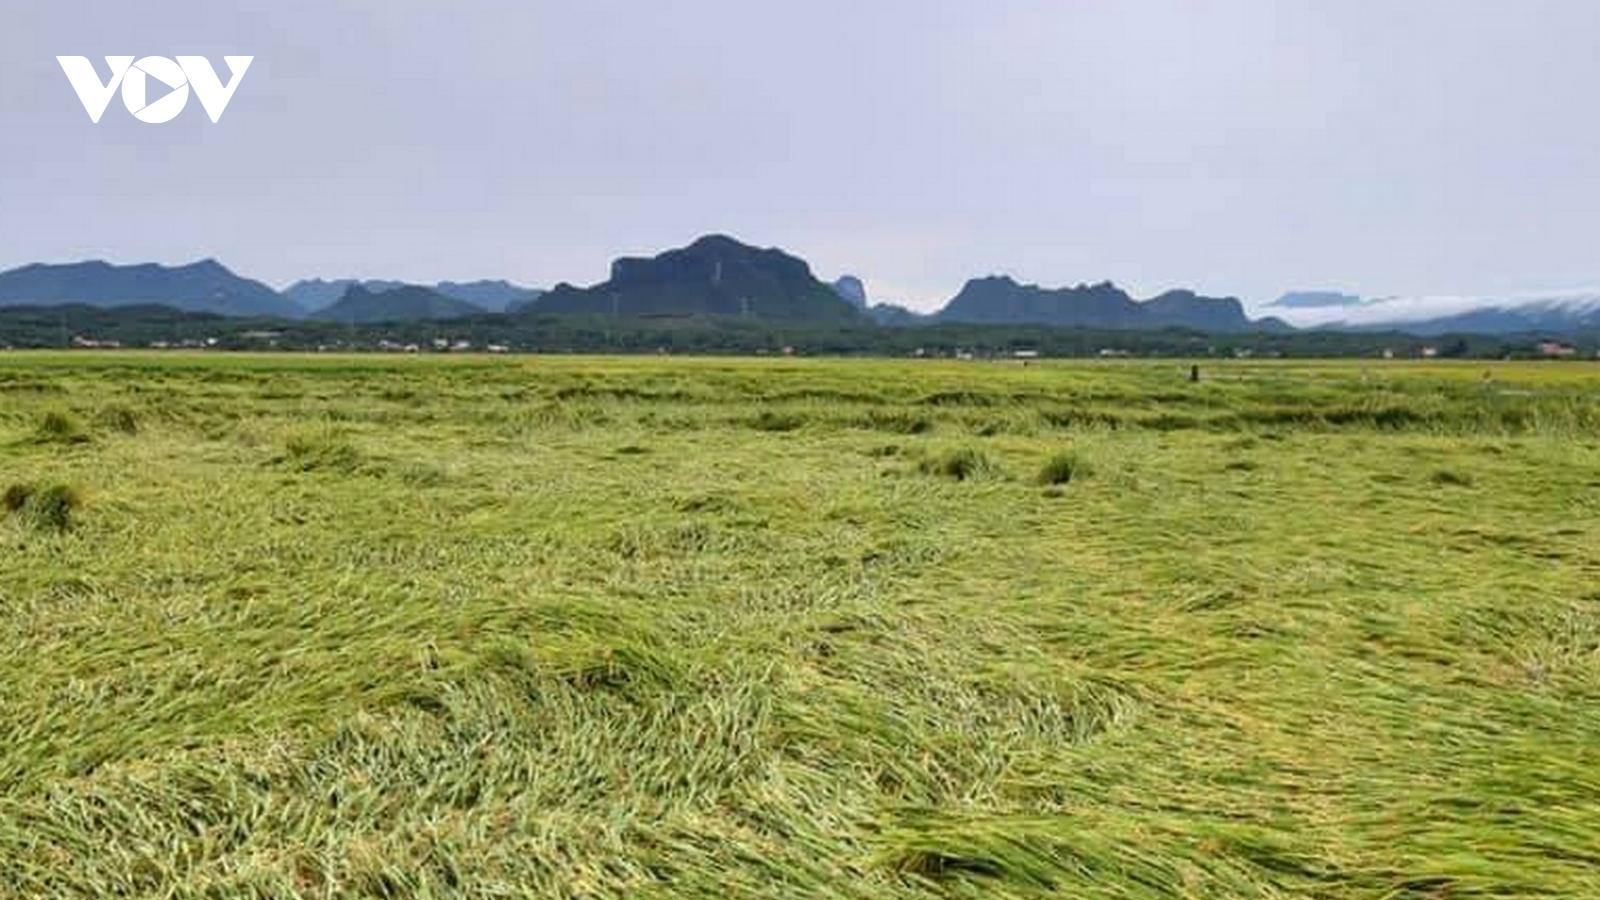 Dông lốc, mưa lớn làm hàng nghìn ha lúa, ngô bị ngã rạp ở Quảng Bình